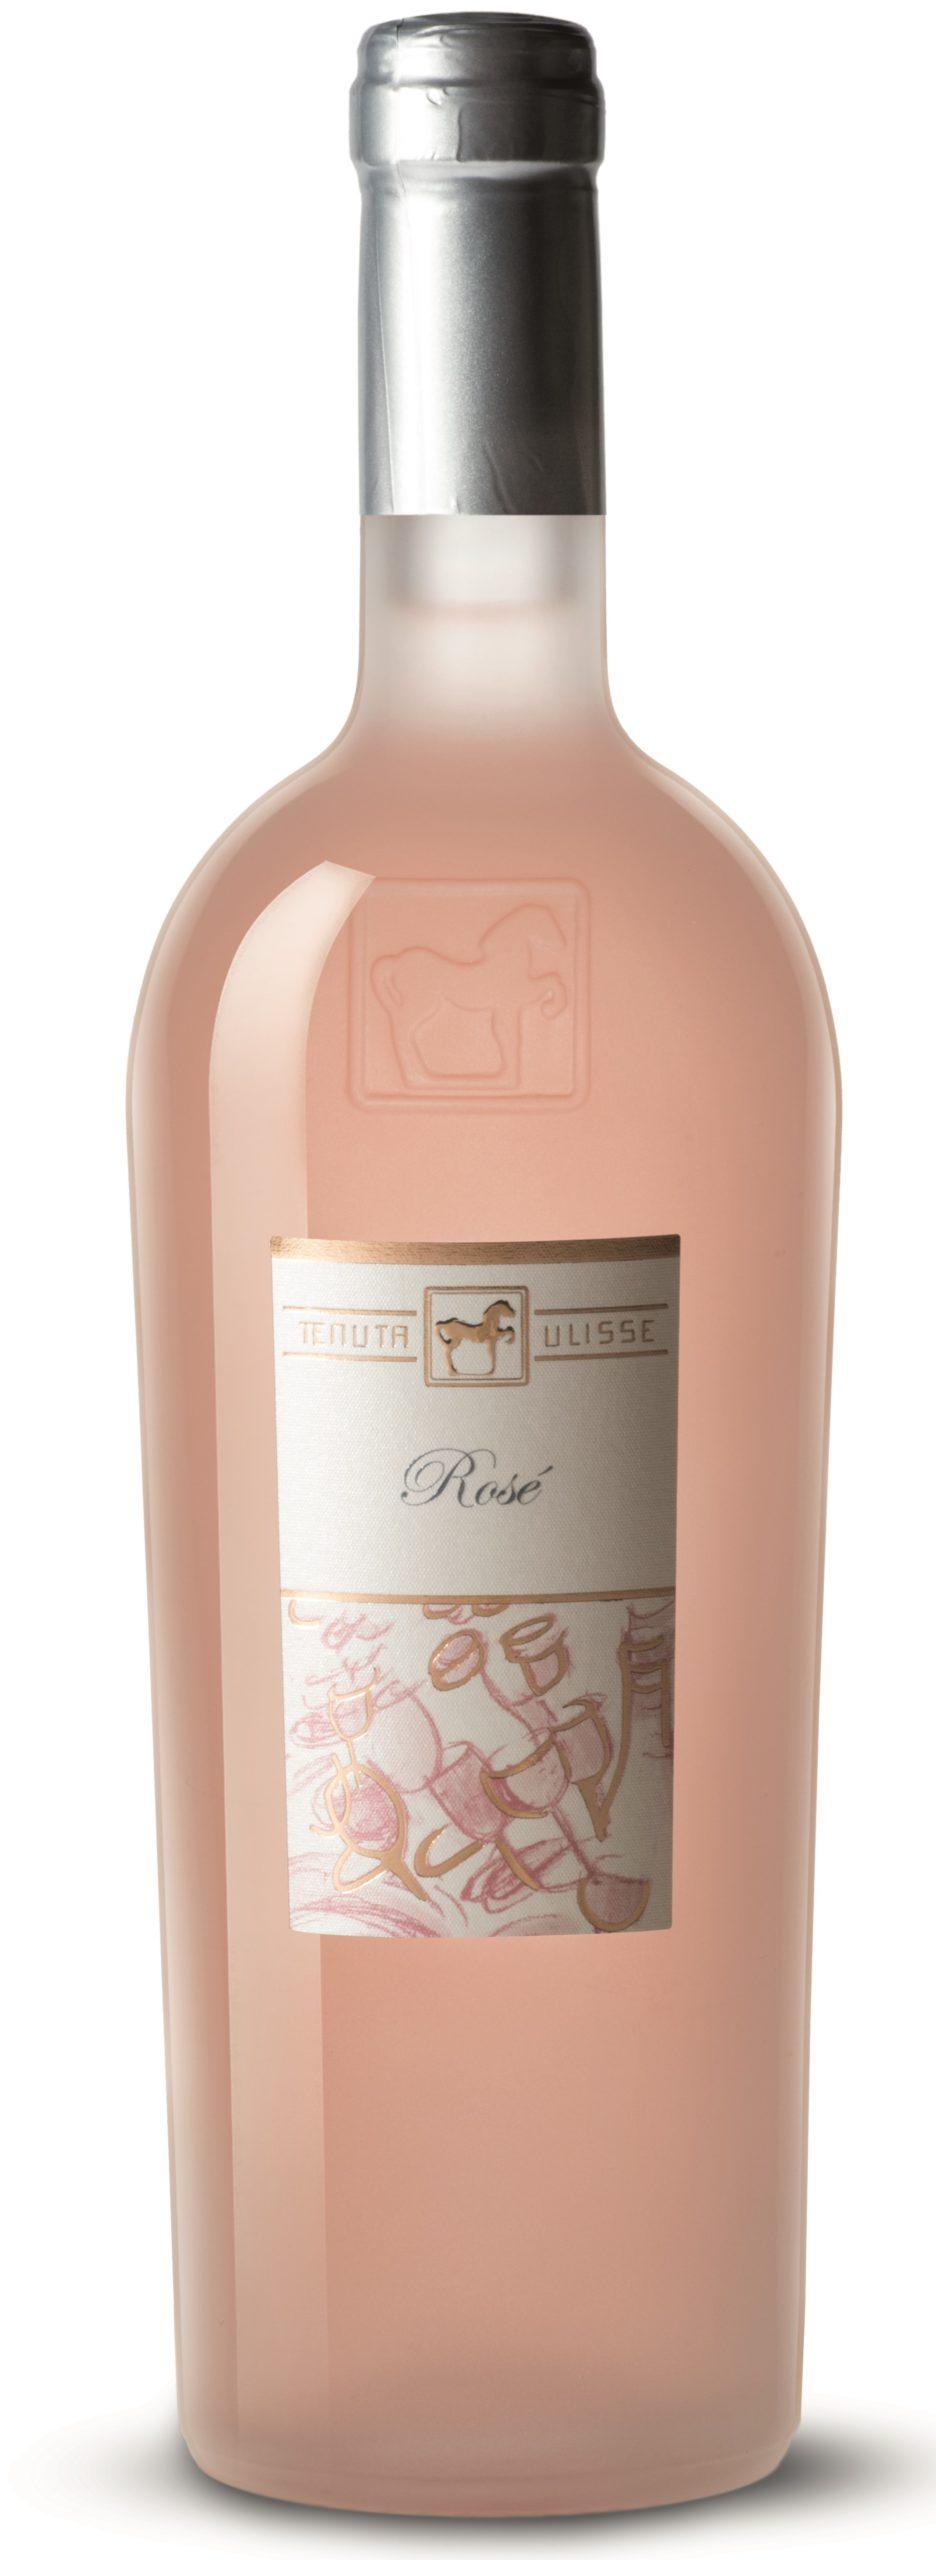 Wino Tenuta Ulisse Rosé Selezione